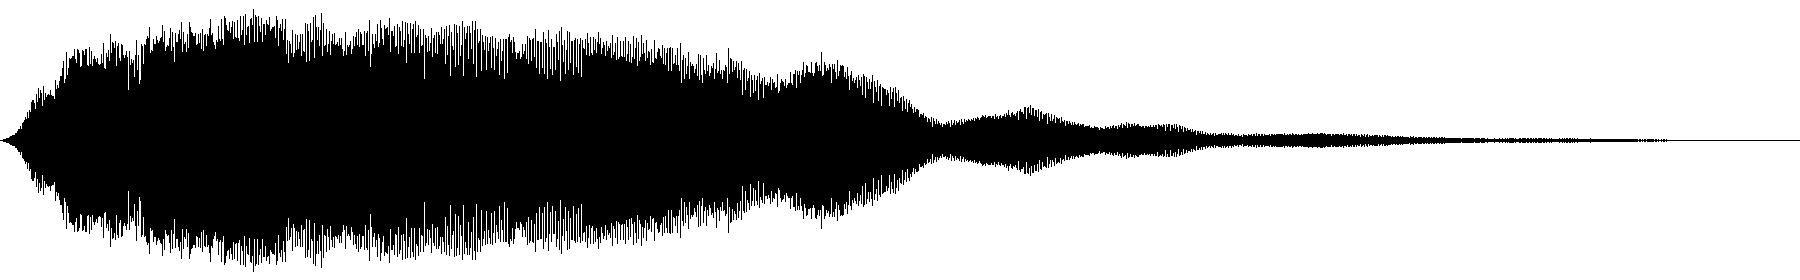 vfx1 atmos 45